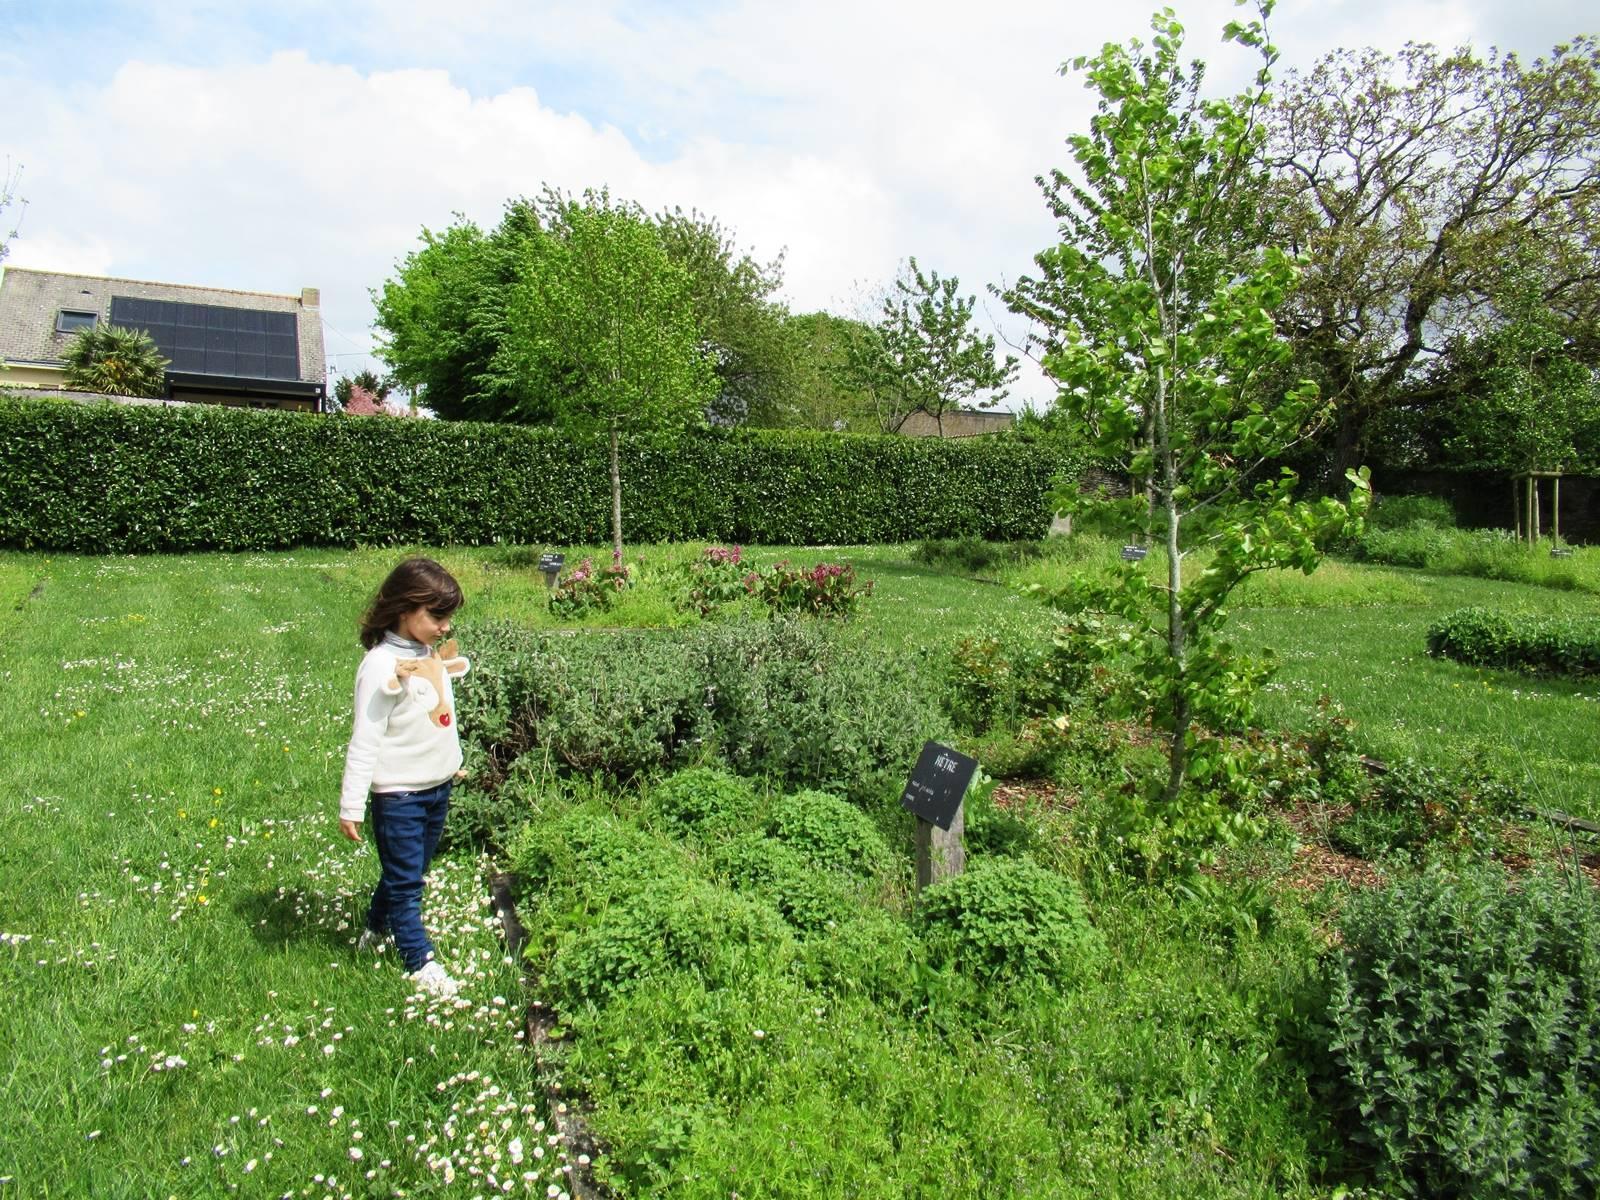 Arboretum sophie trebuchet 9